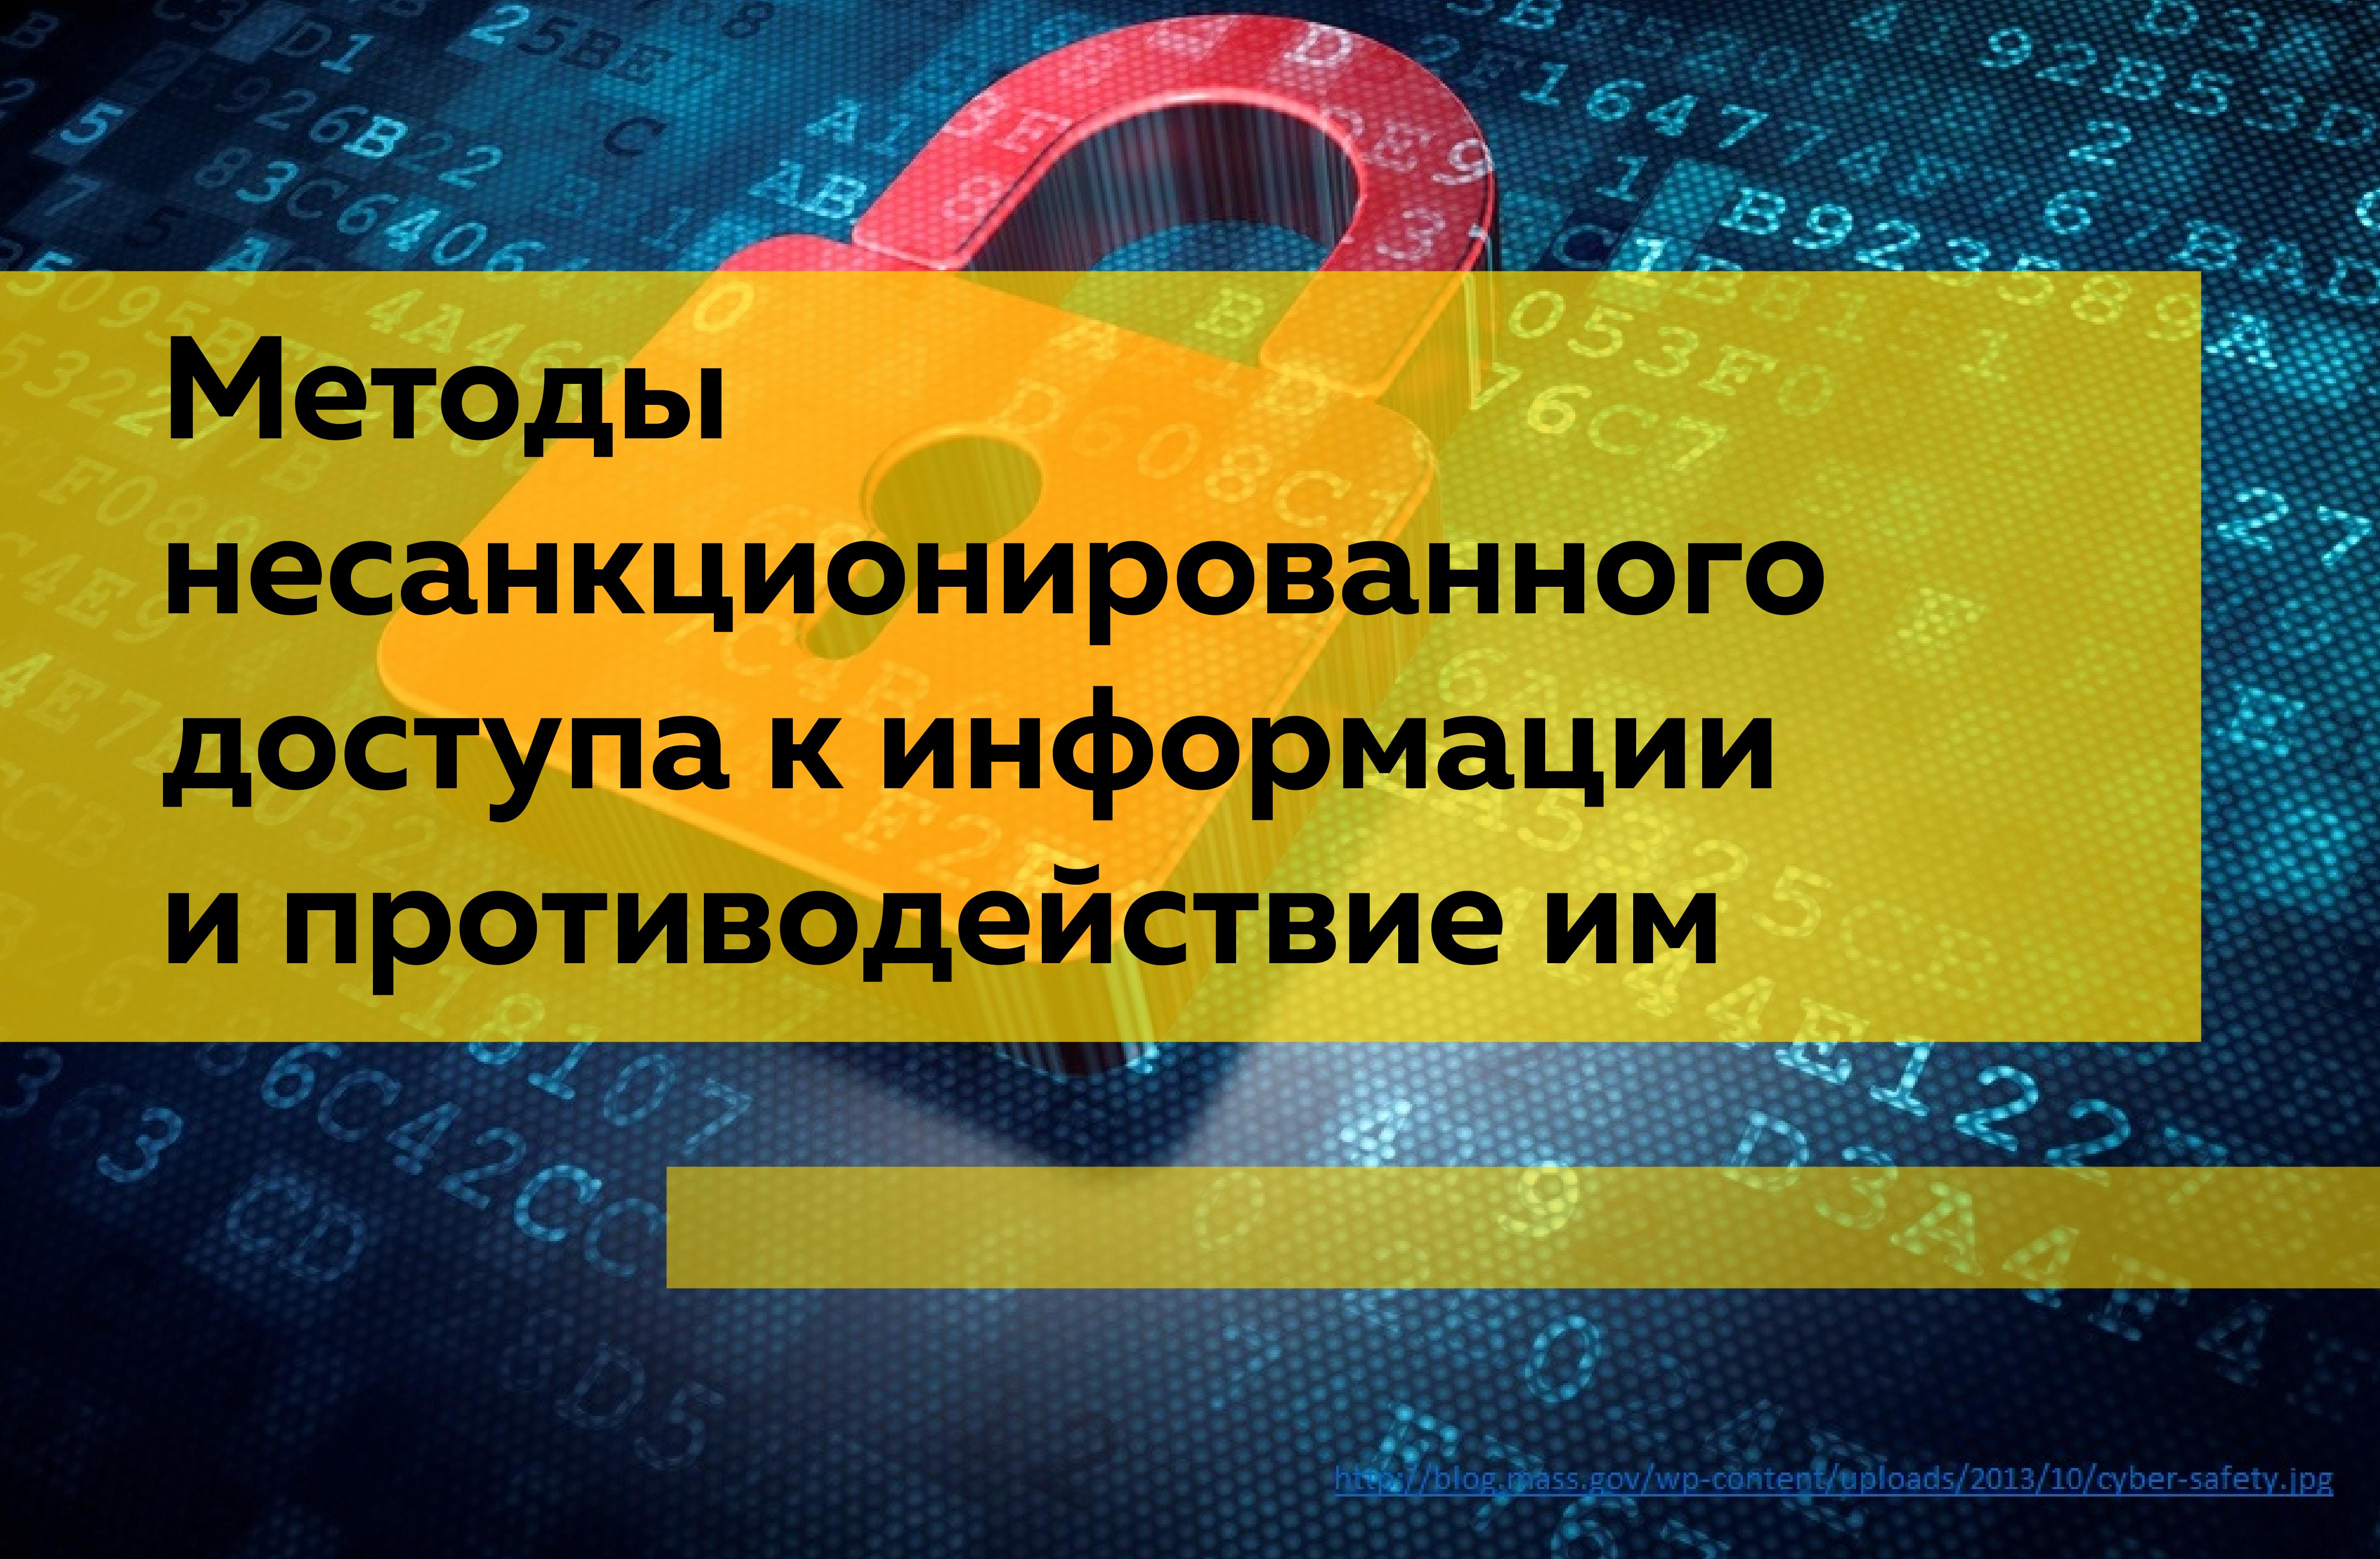 Методы несанкционированного доступа к информации и противодействие им